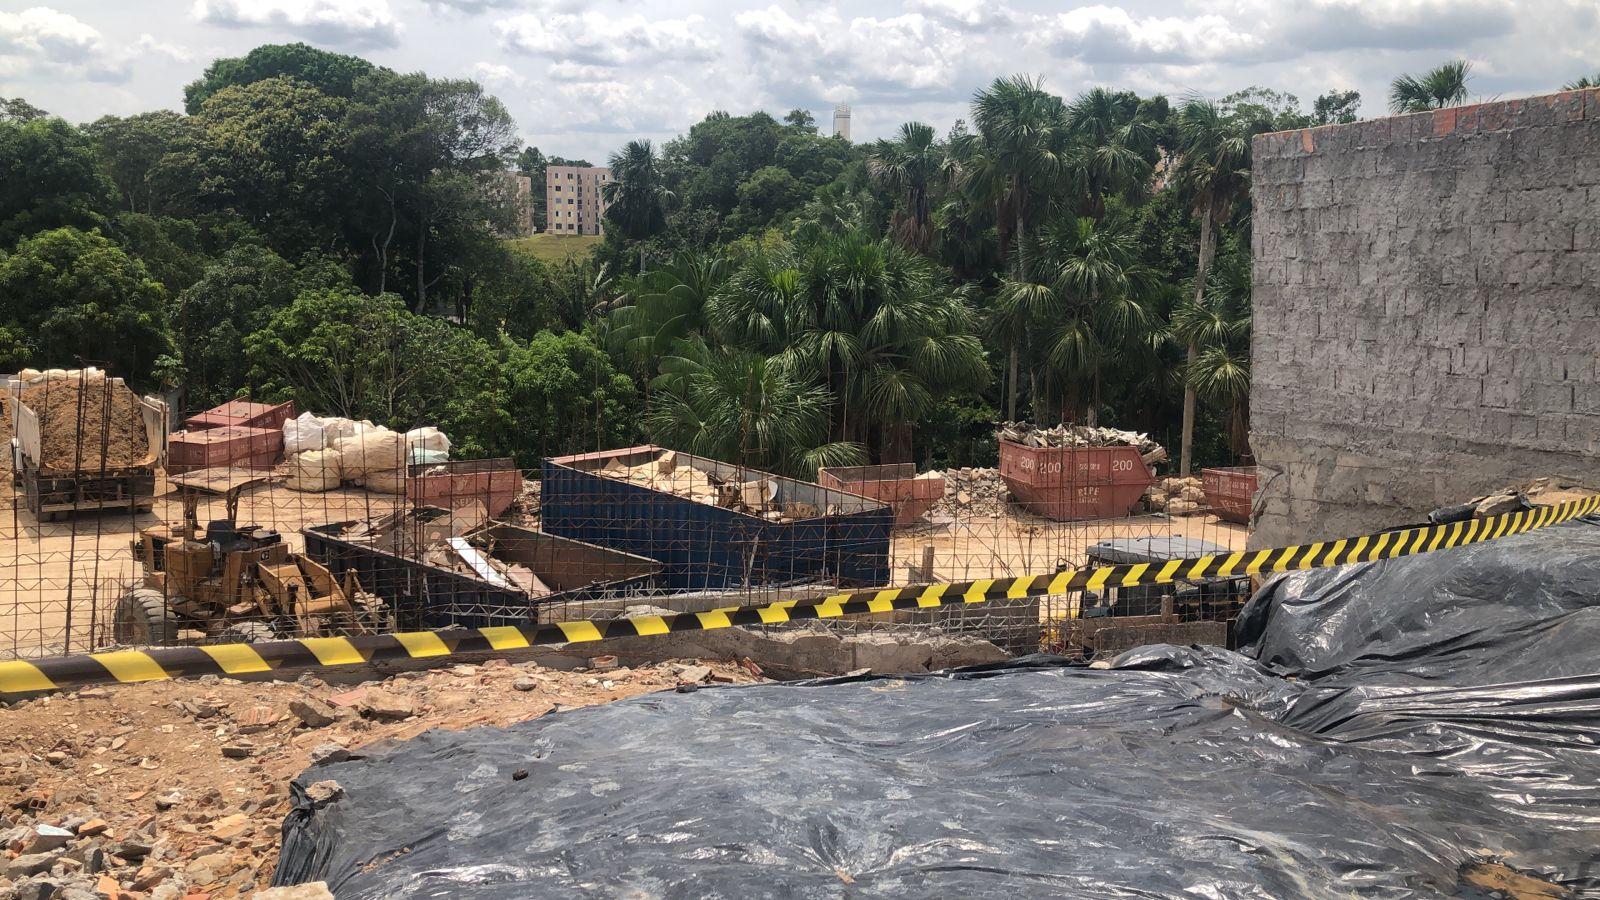 Desmoronamento de terra deixa duas pessoas soterradas em bairro da zona Norte de Manaus